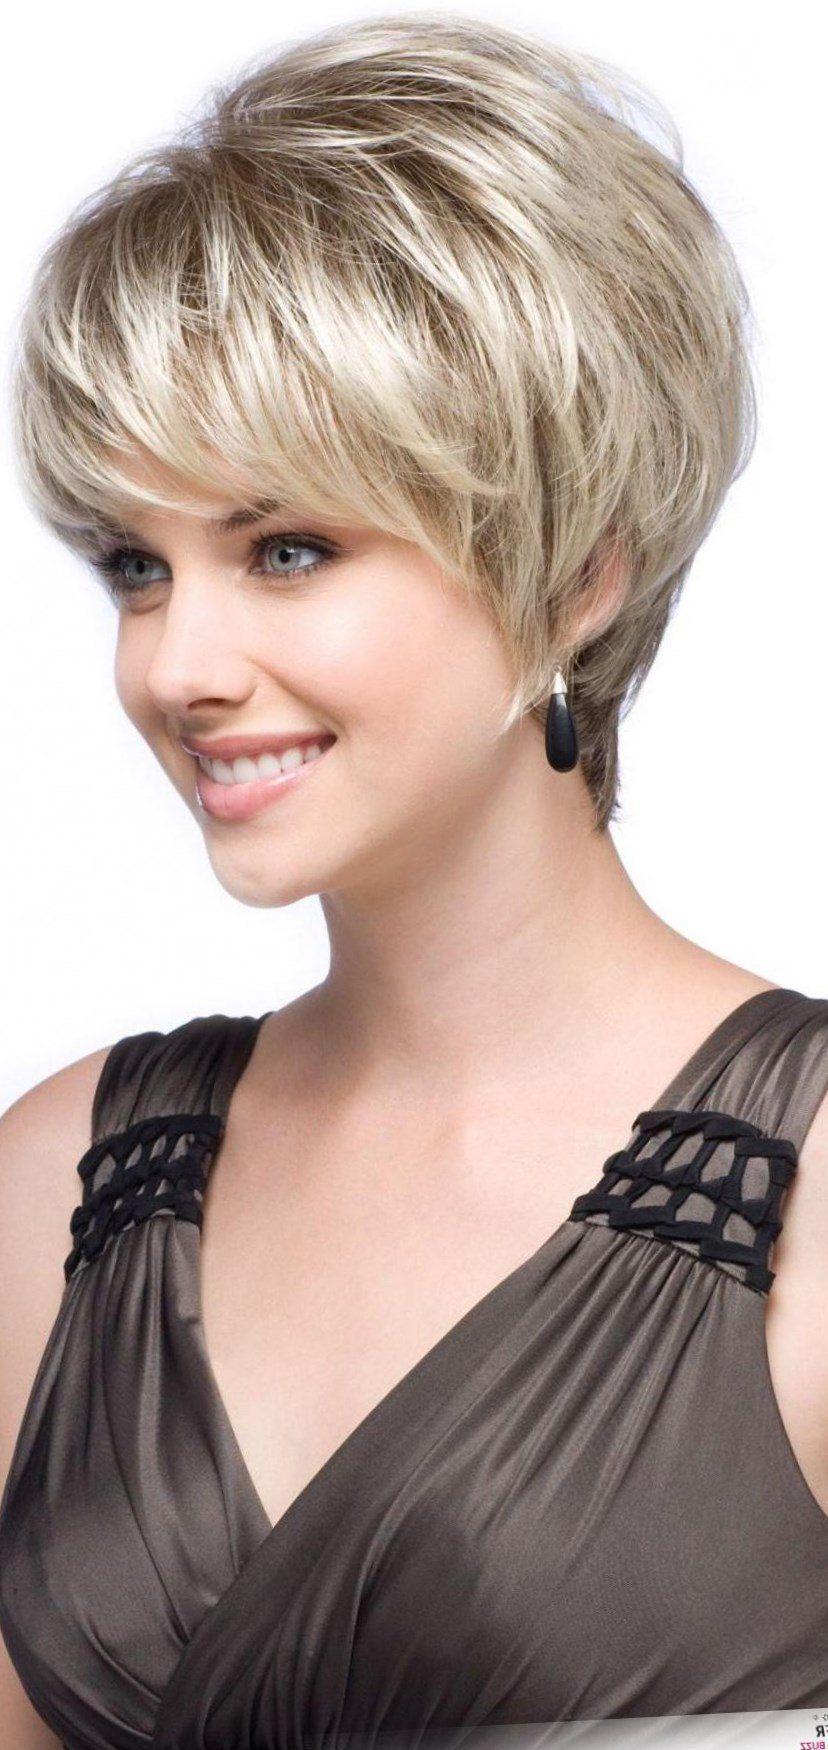 coiffure courte femme 30 ans a voir sur les meilleures photo coiffure. Black Bedroom Furniture Sets. Home Design Ideas